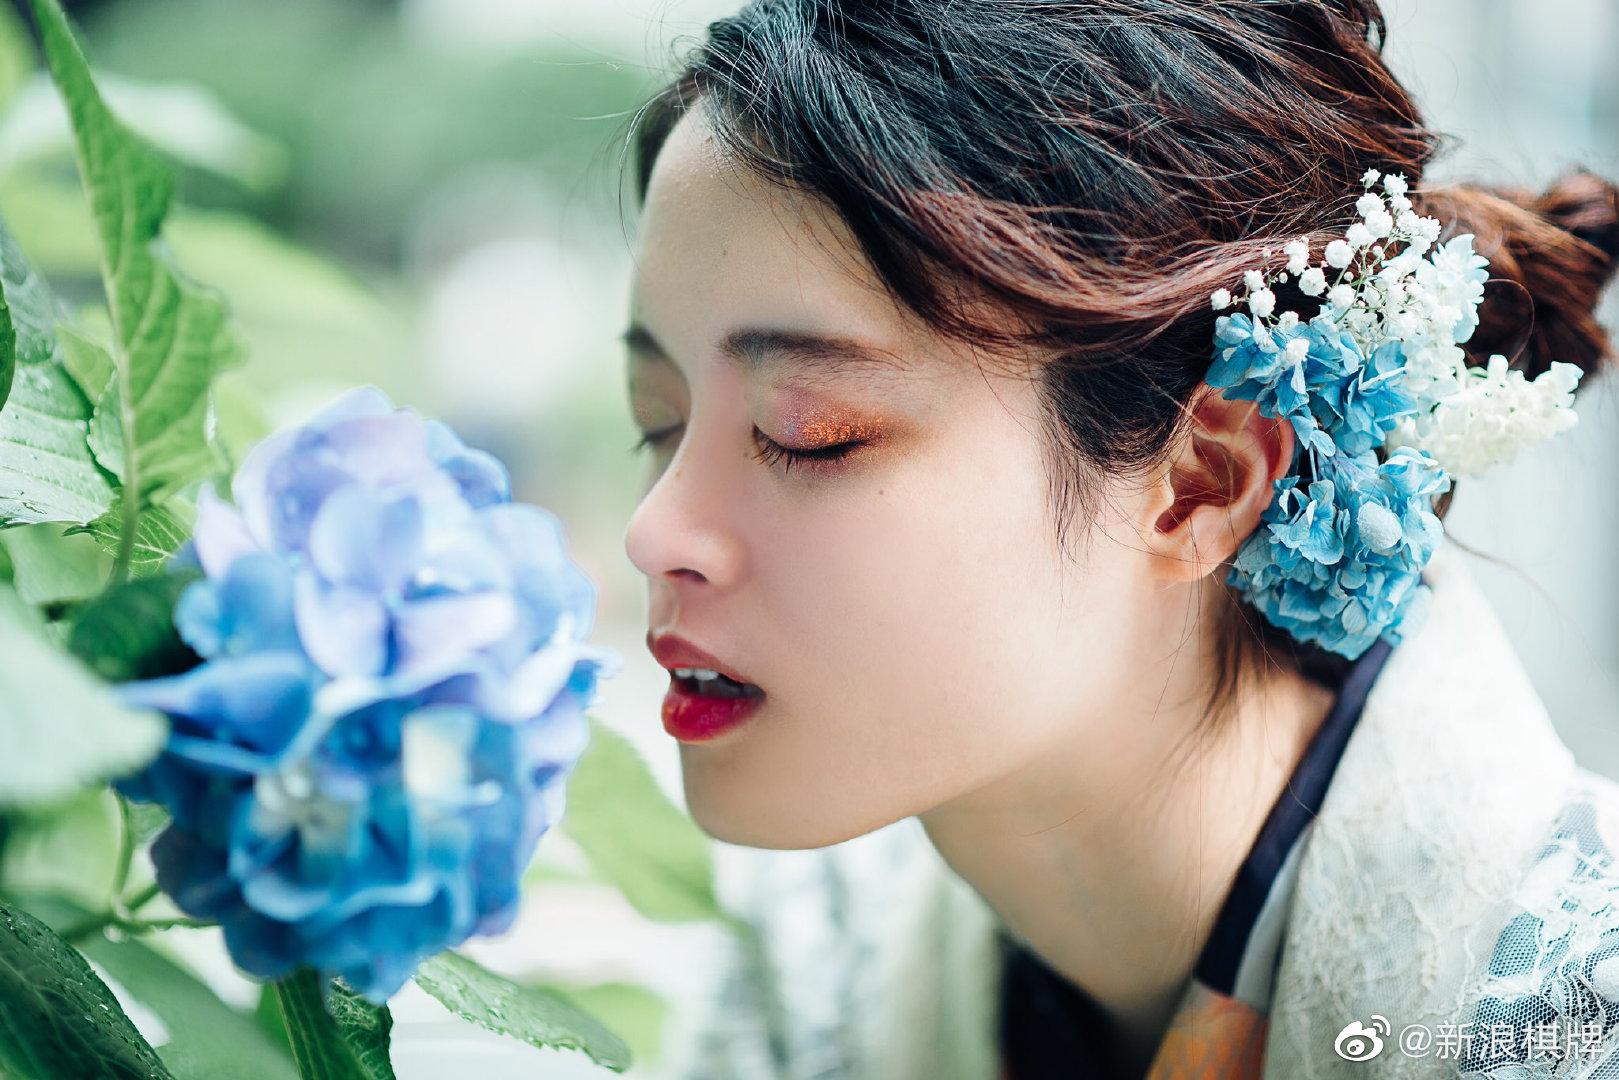 蝉鸣的夏季,我想遇见你~图片来源:Twitterわさび